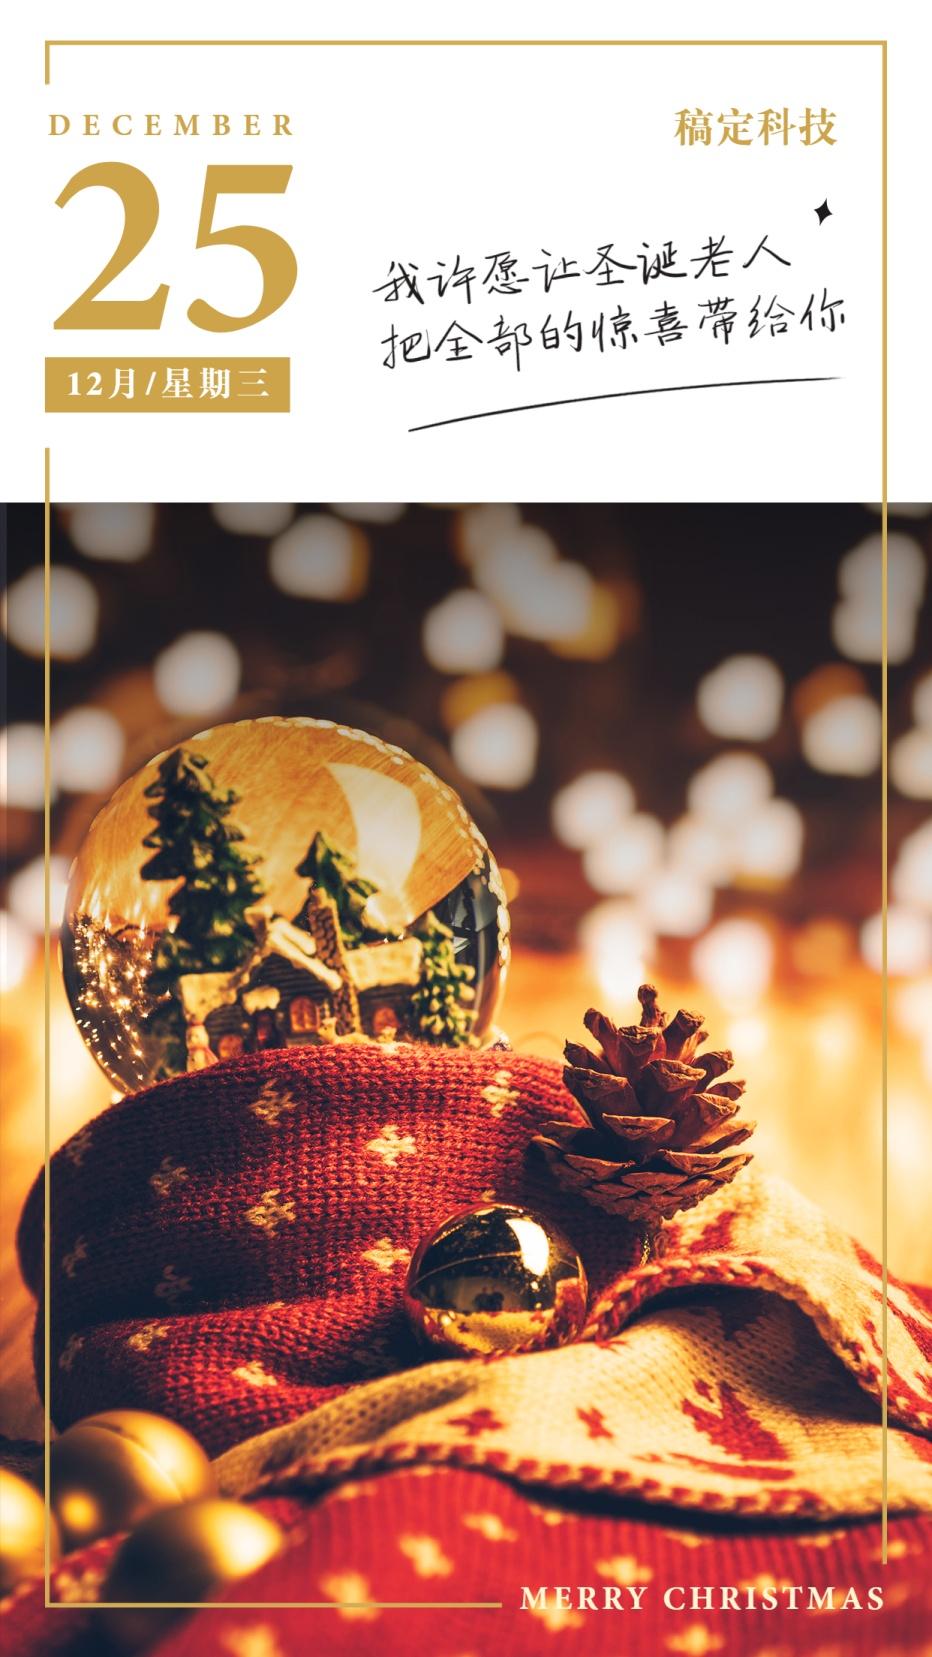 圣诞节平安夜实景日签问候祝福氛围实景手机海报